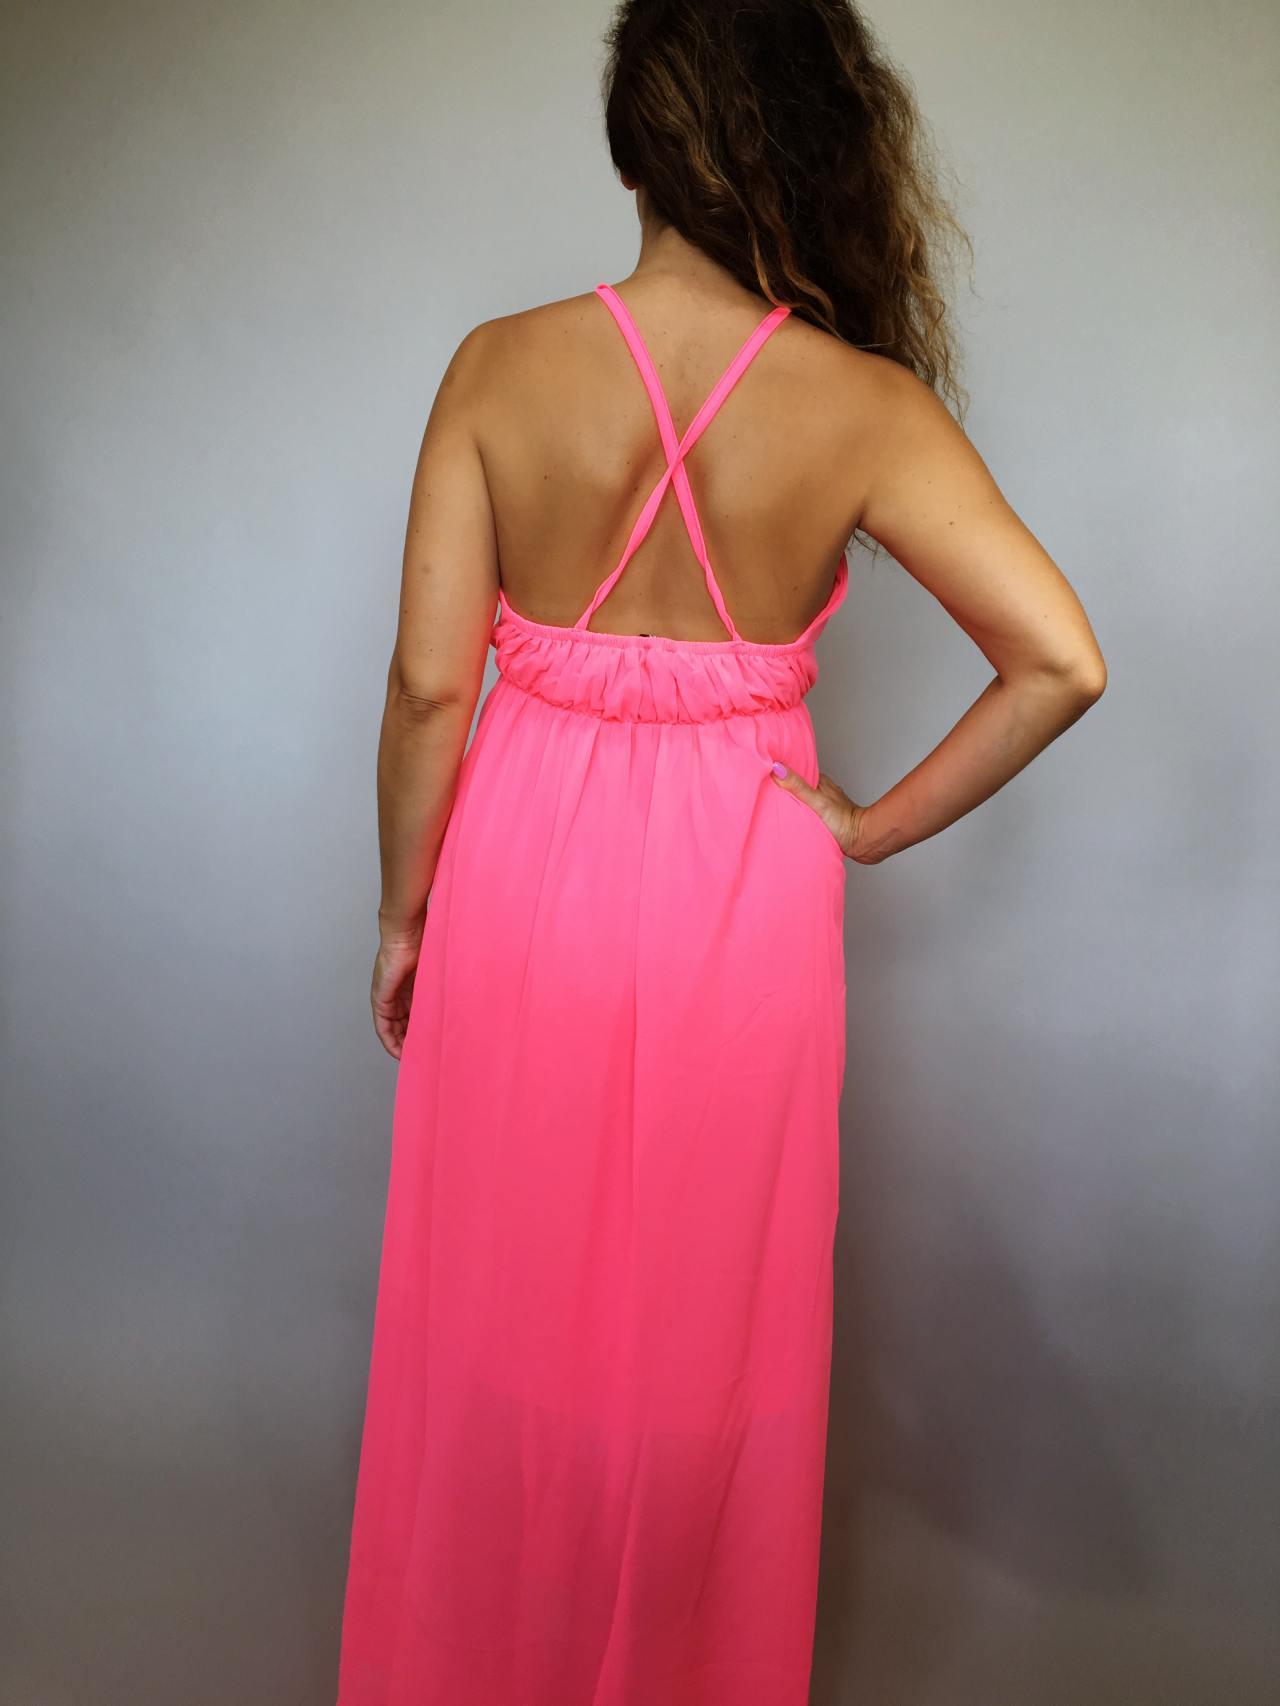 Šaty Sunny Day růžové 04